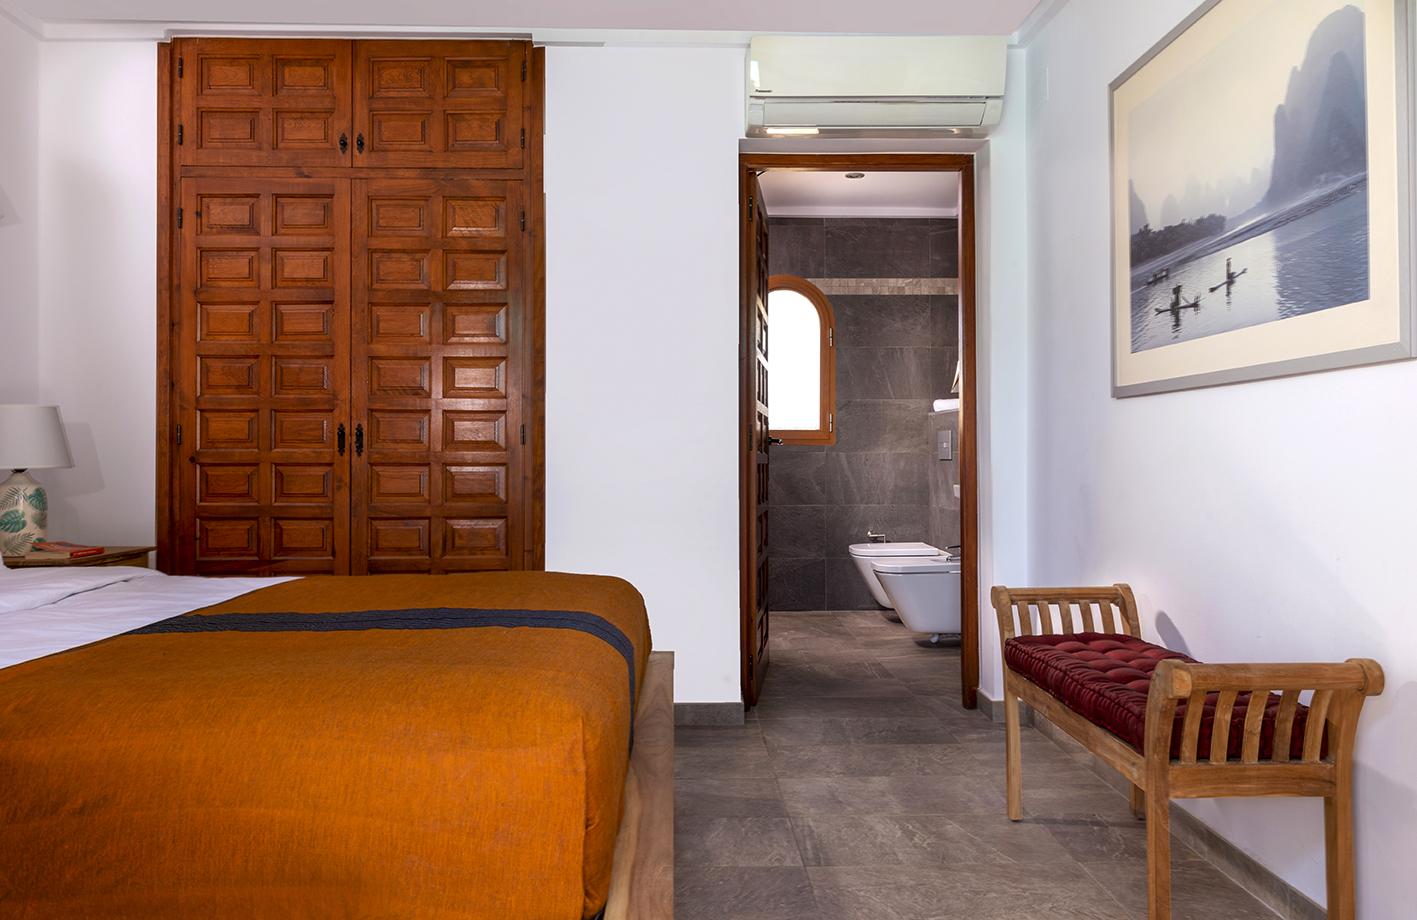 Villa Orlando - Ferienhaus in Javea